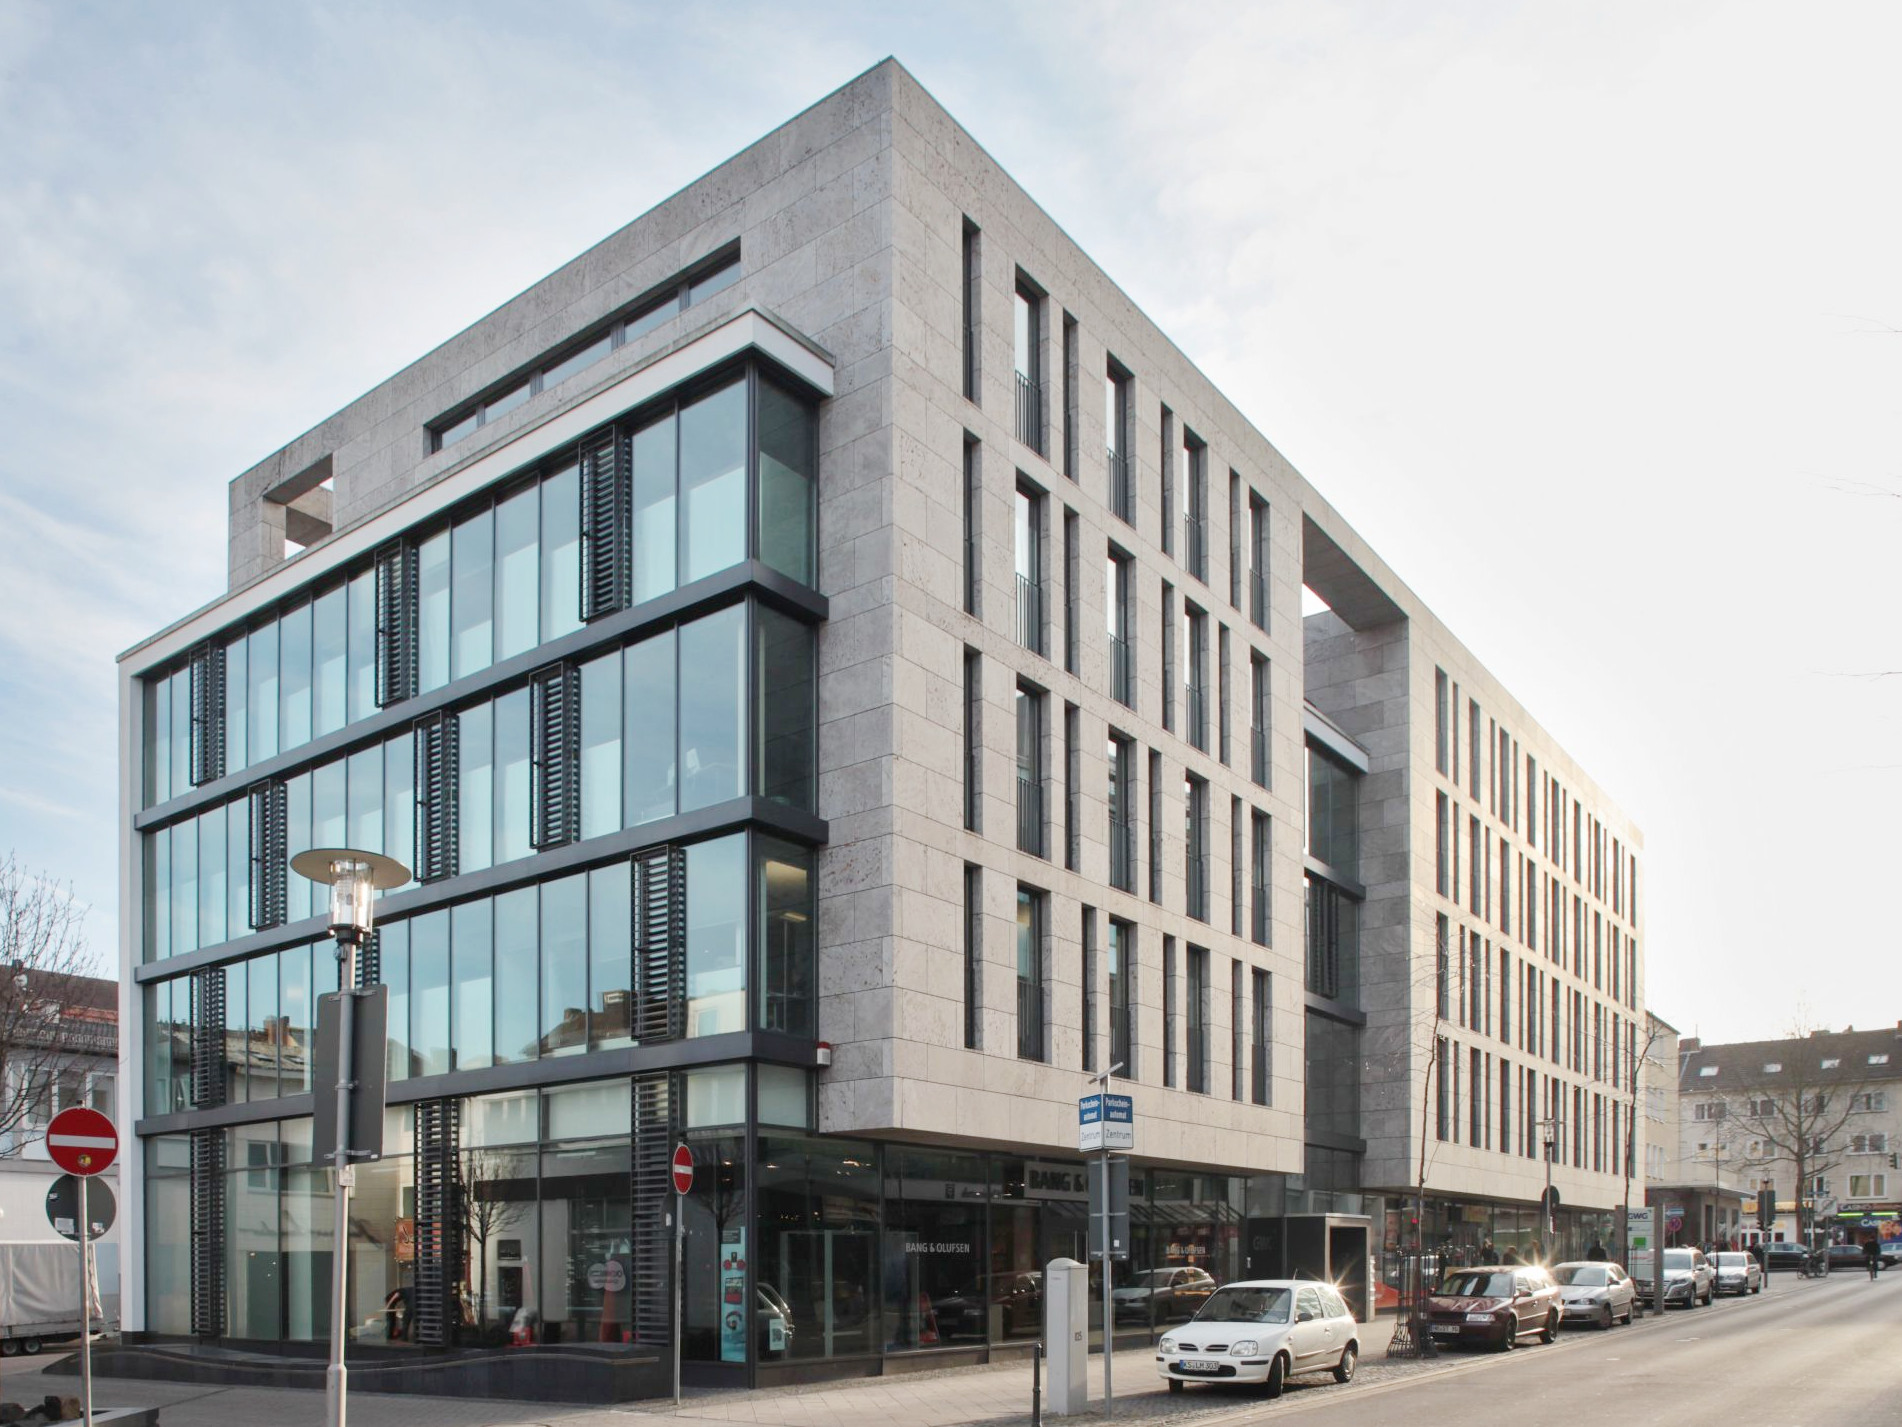 GWG Wohnungsbaugesellschaft